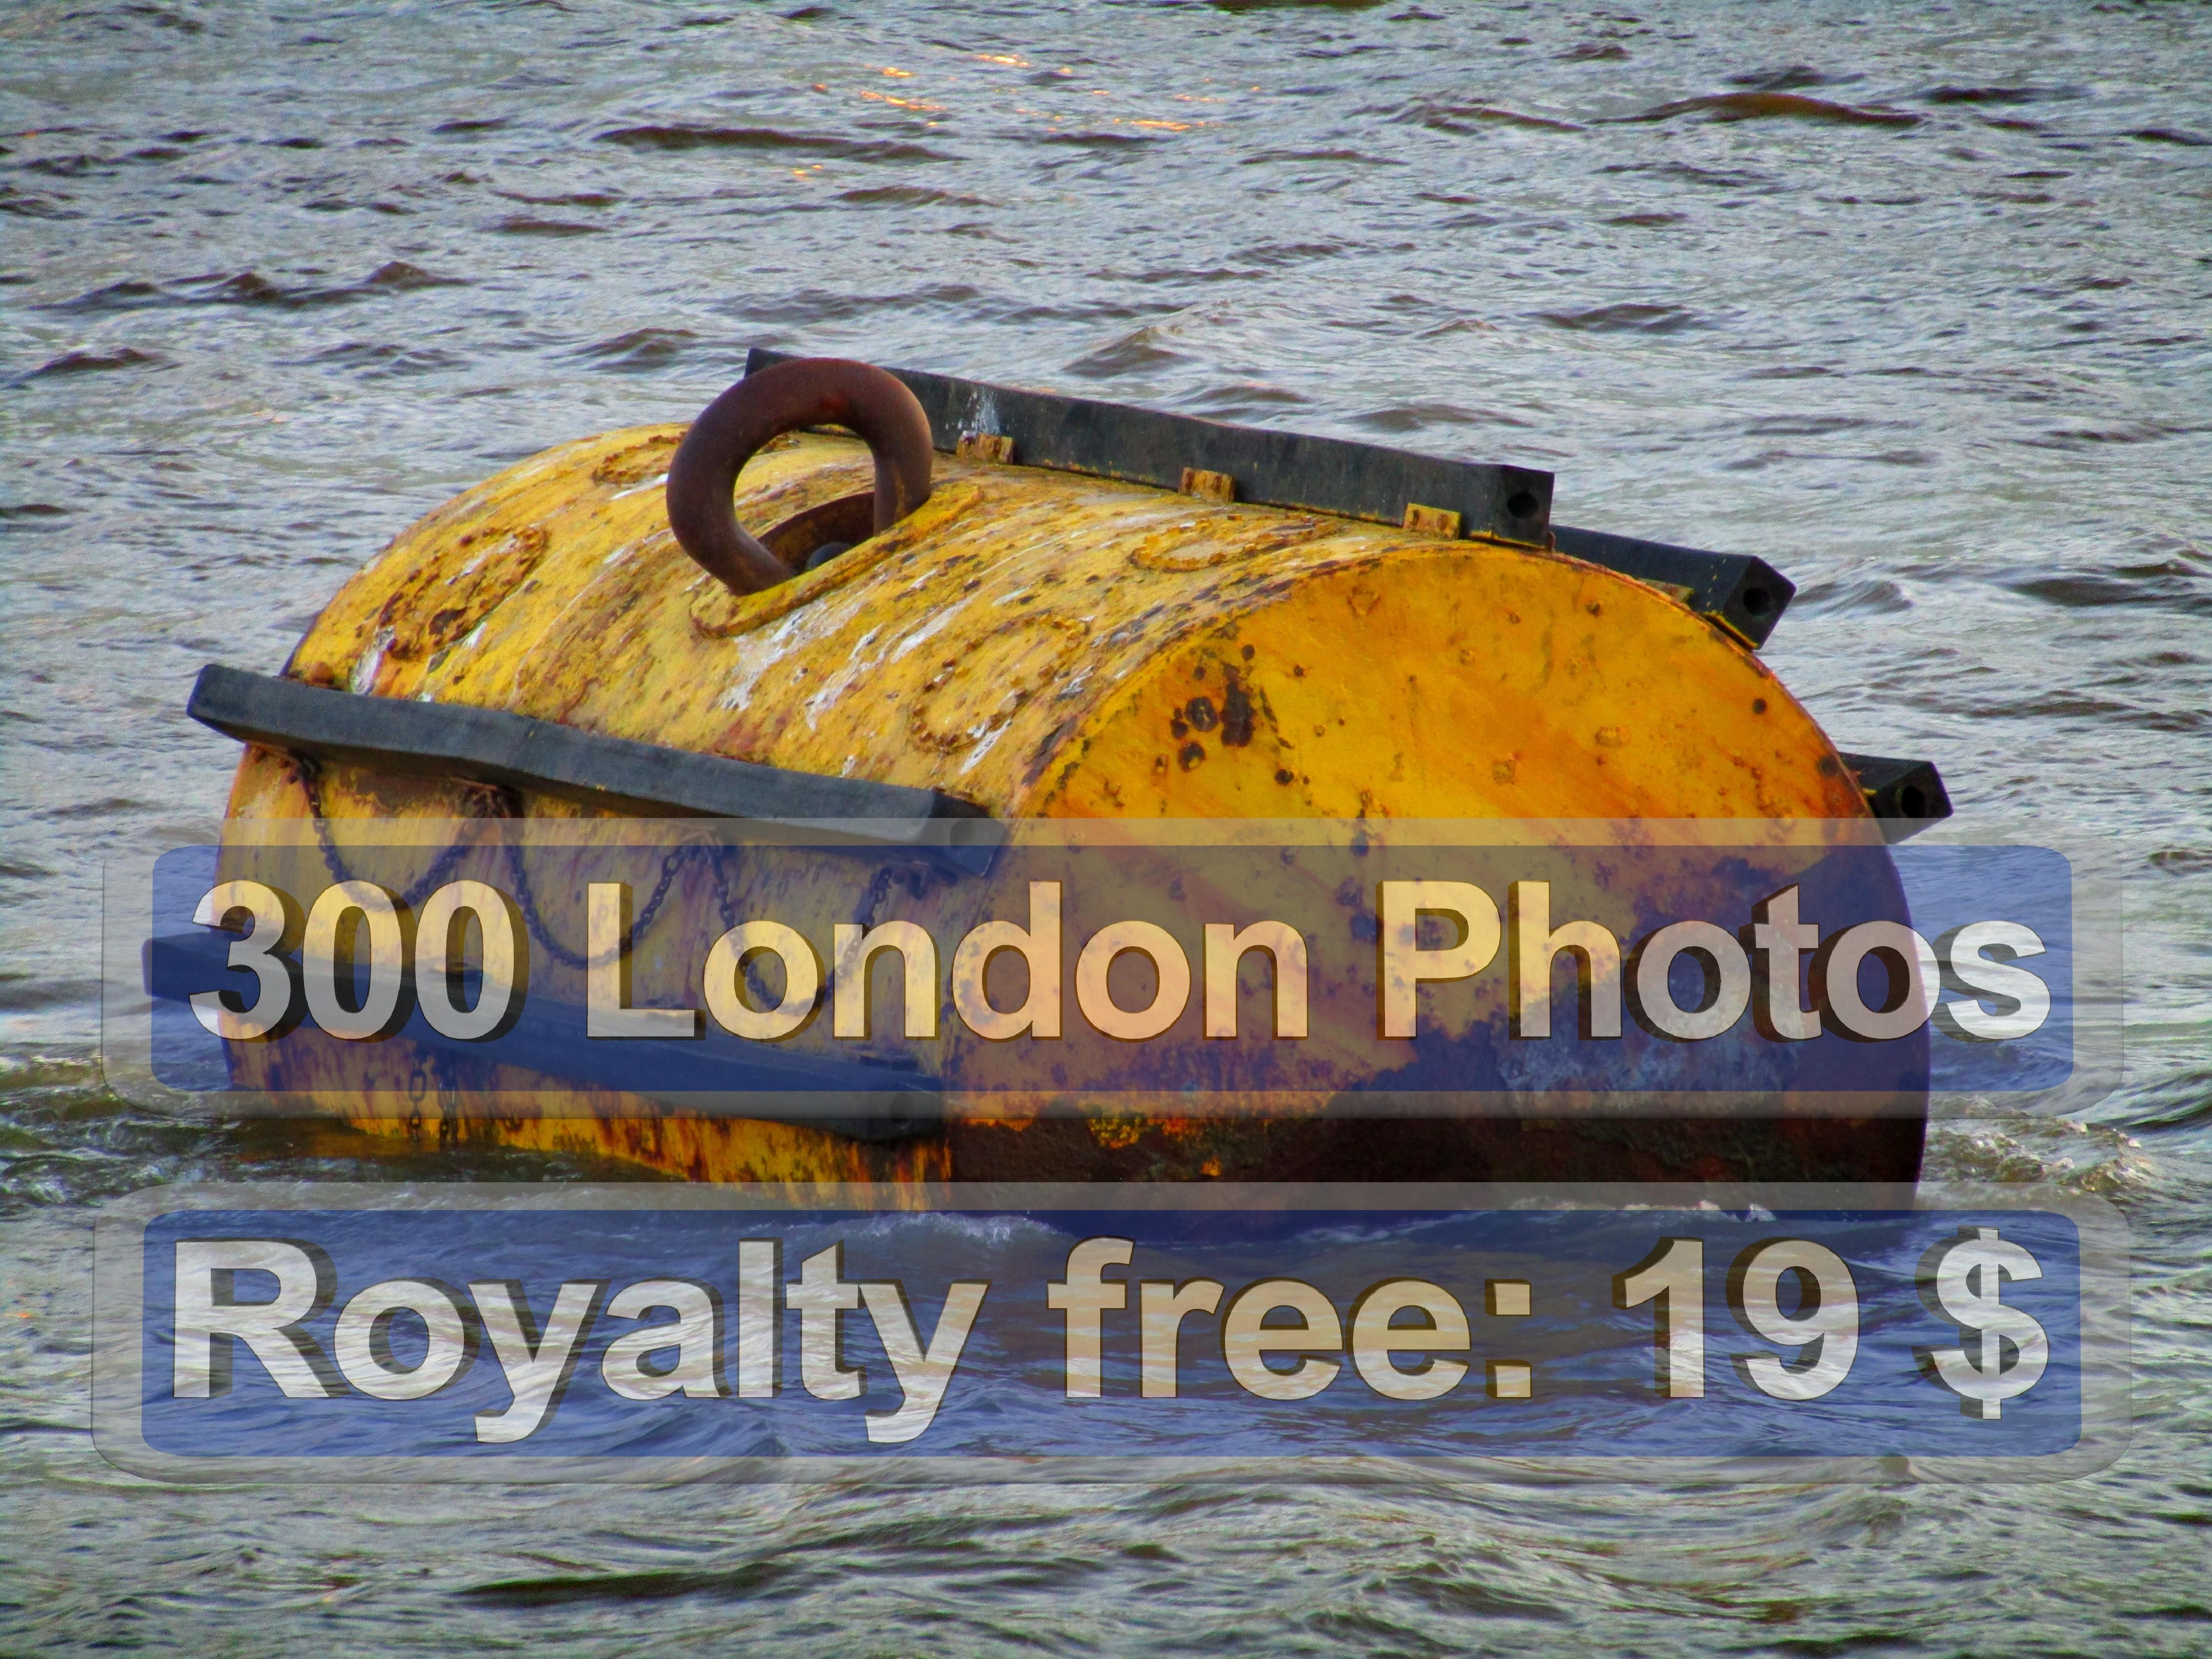 London Photo Exhibitions 2016